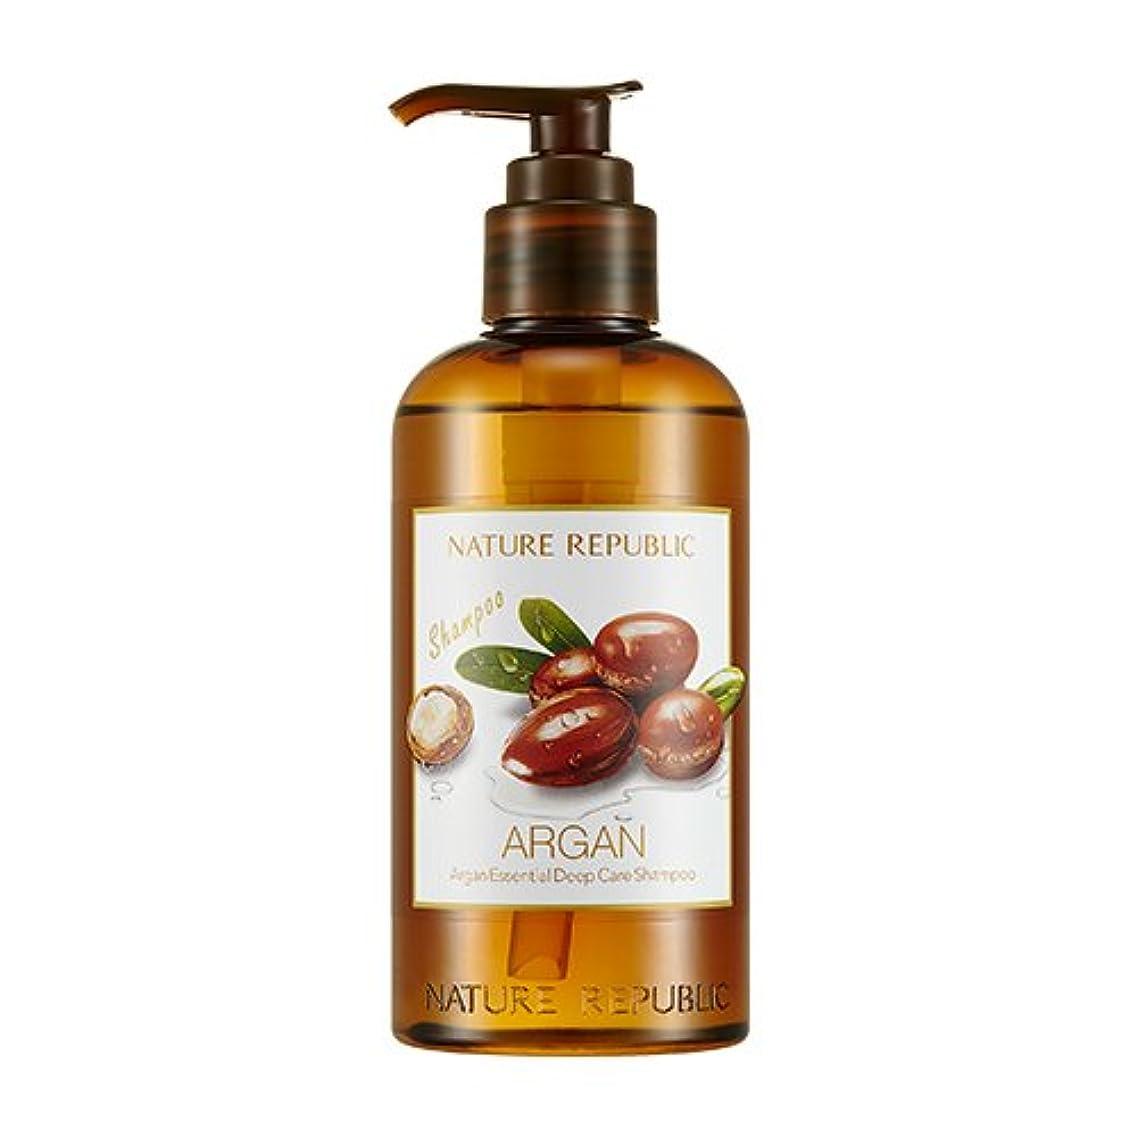 廊下サバント資本主義[ Renewal ]ネイチャーリパブリック NATURE REPUBLIC アルガン エッセンシャル ディープ ケア シャンプー Argan Essential Deep Care Shampoo 300ml [並行輸入品]